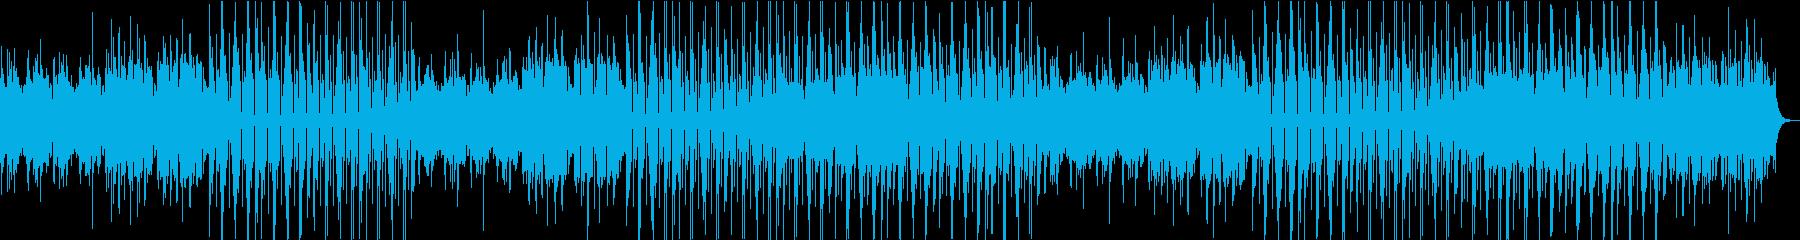 和風・暗い・妖怪・ホラー・トラップの再生済みの波形